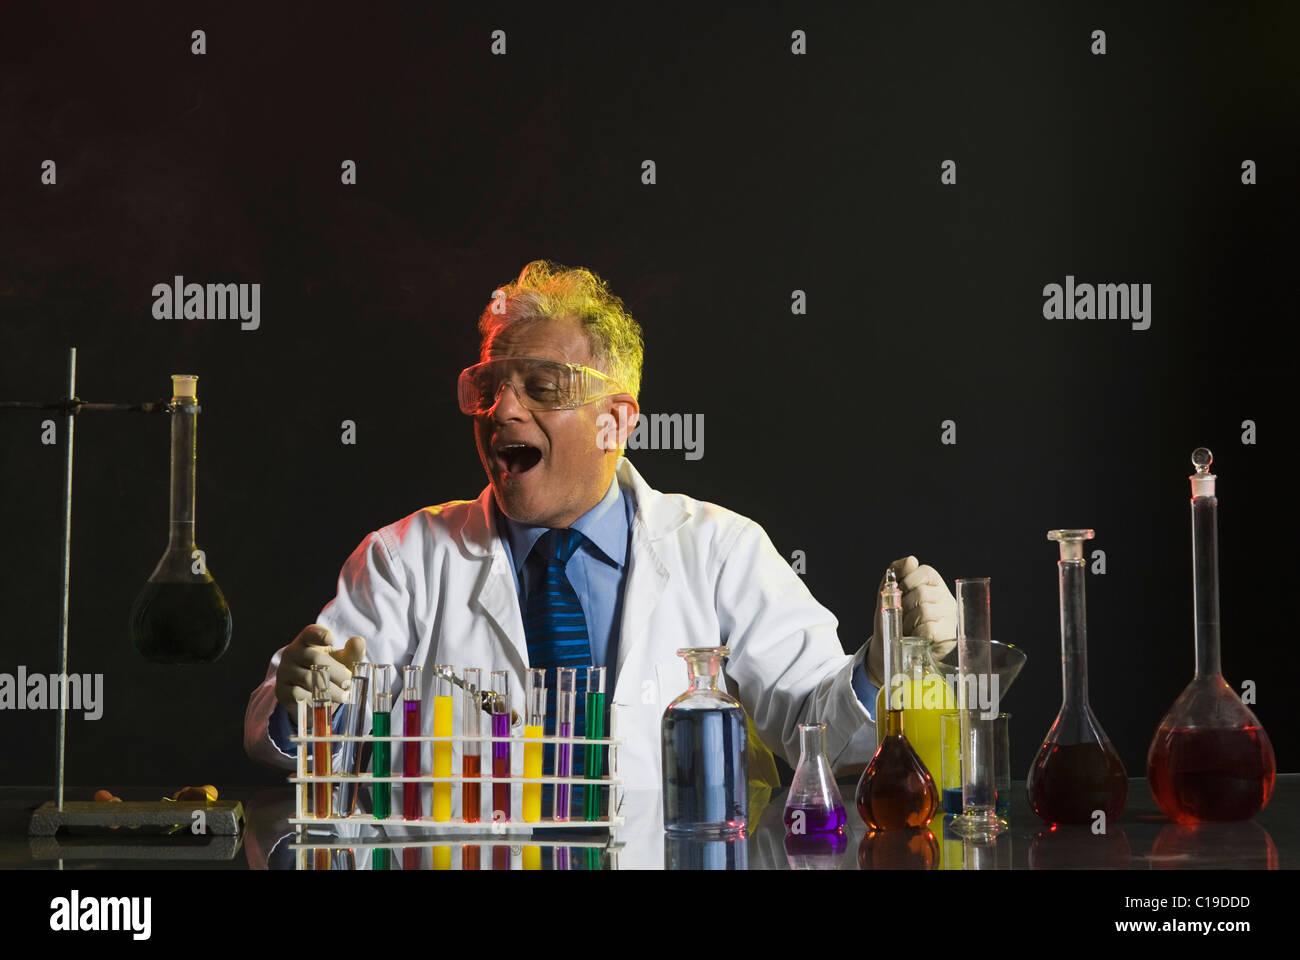 Wissenschaftler machen wissenschaftliche Experiment in einem Labor Stockfoto